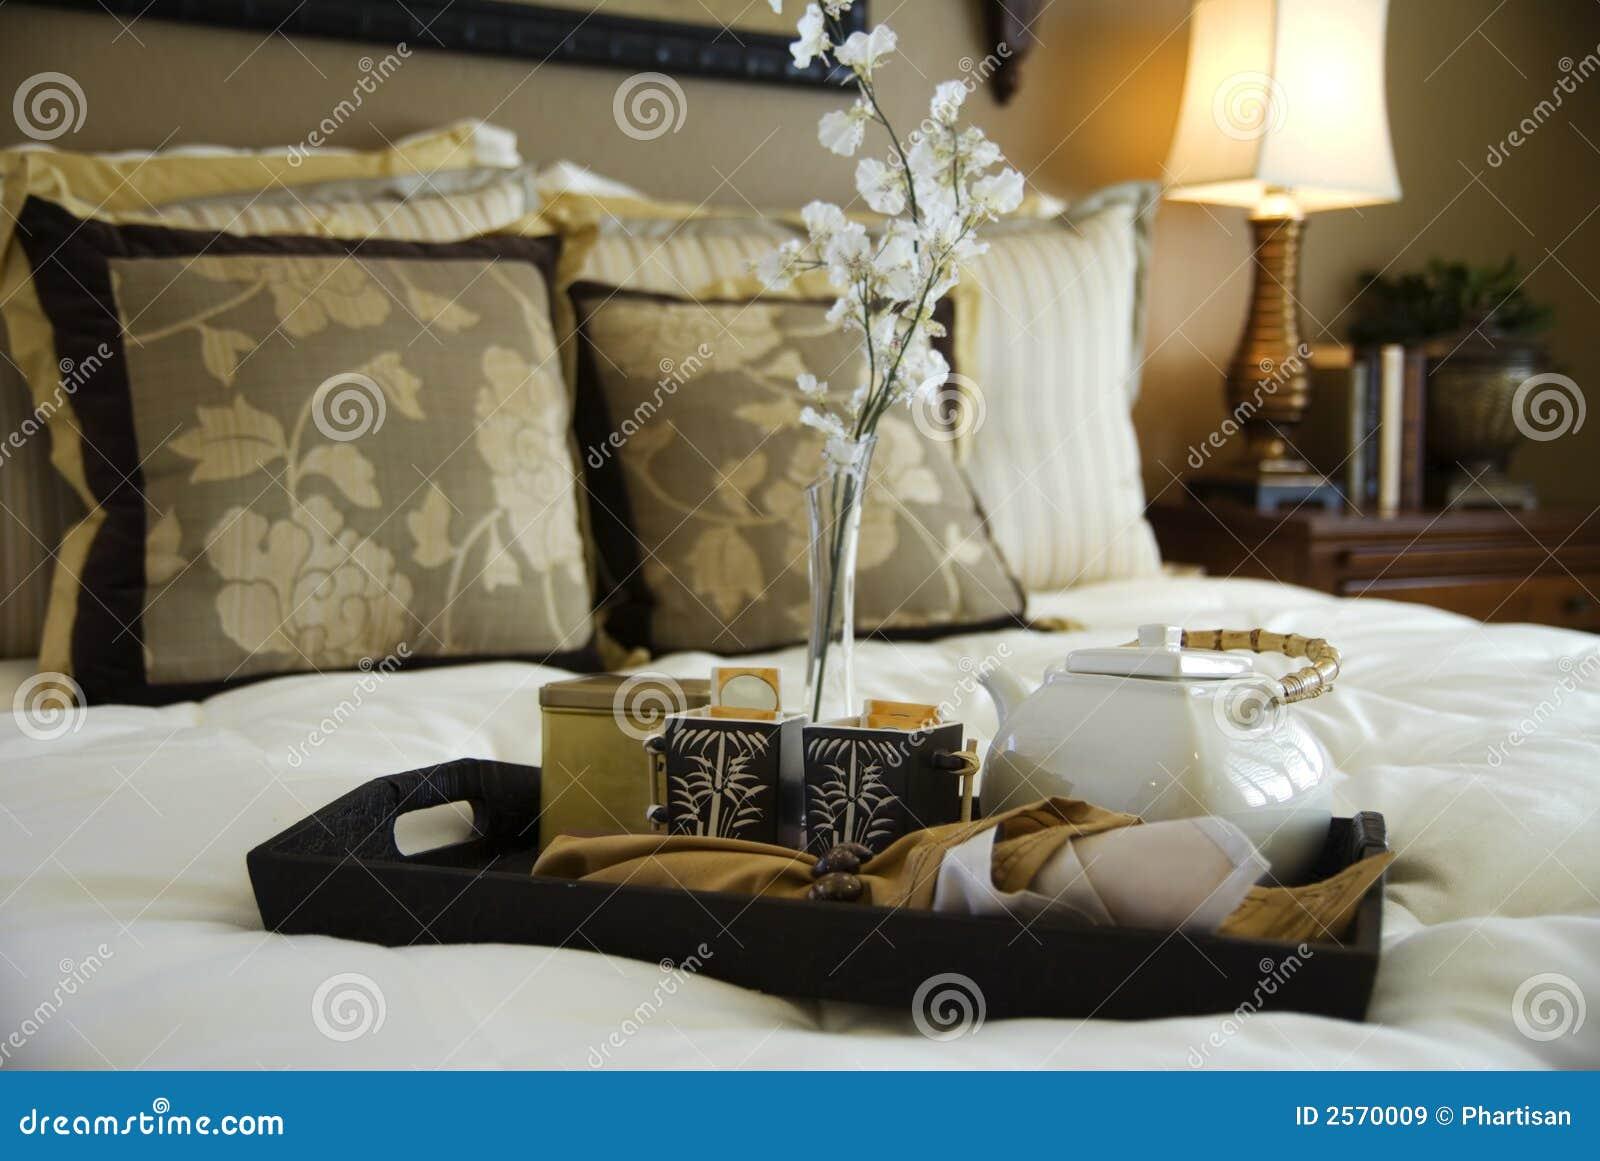 Hot Tea served in bedroom